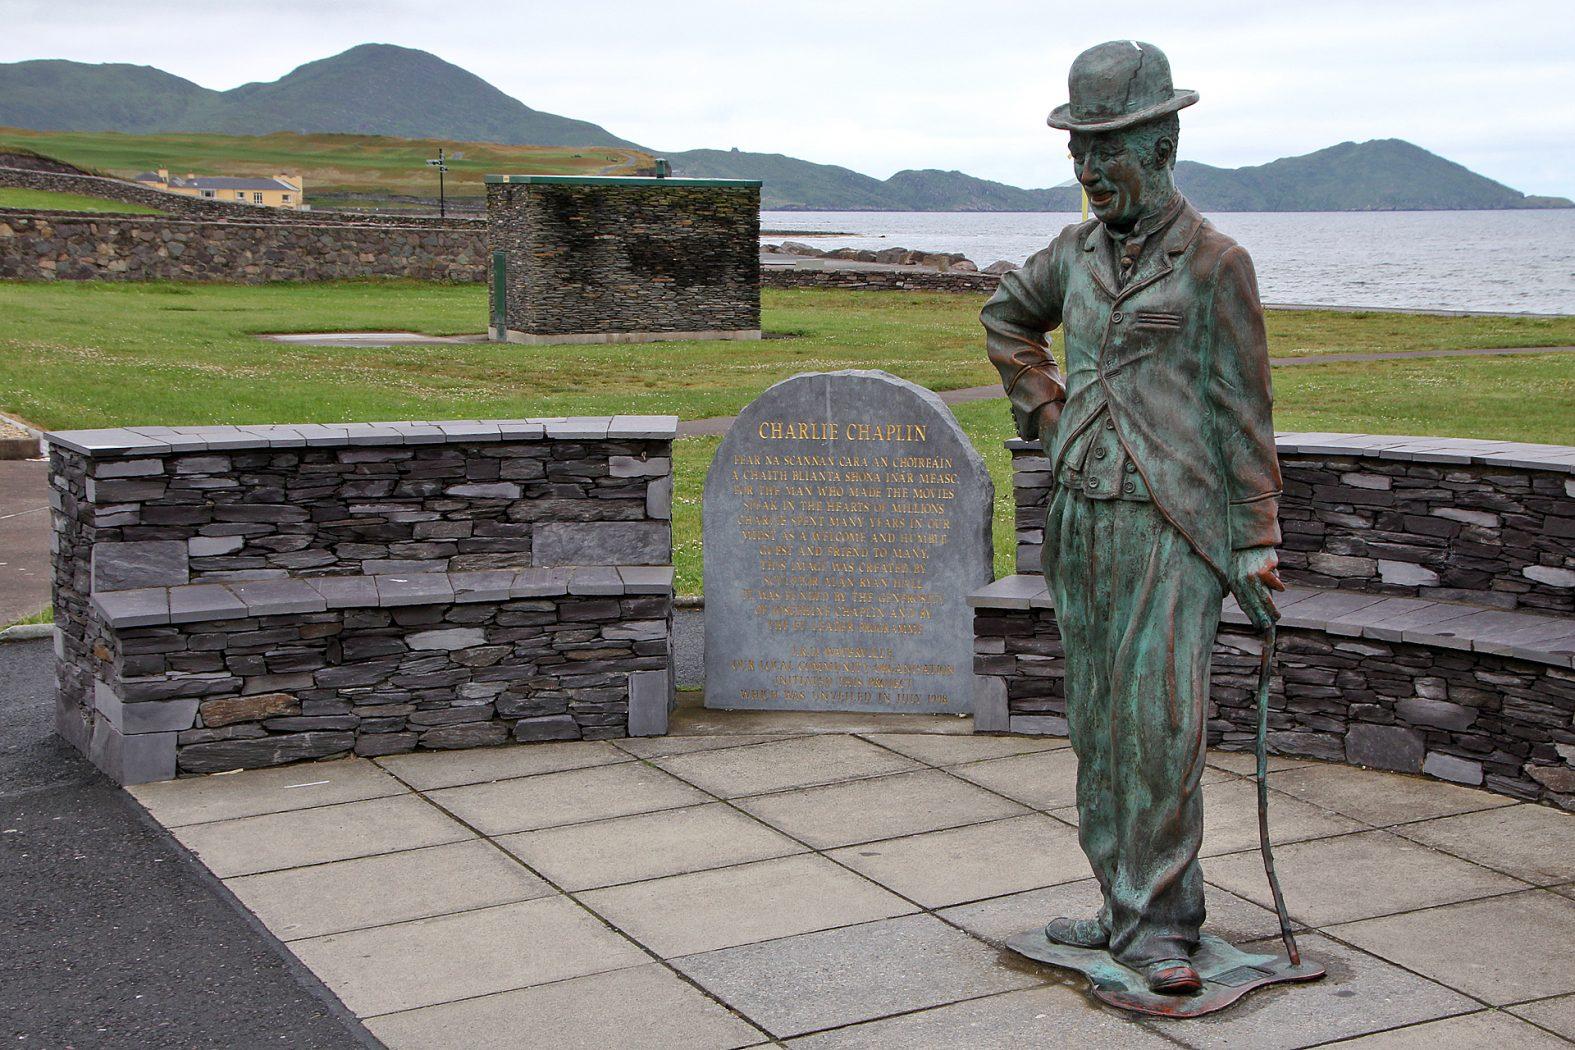 Charlie Chaplin Statue in Waterville